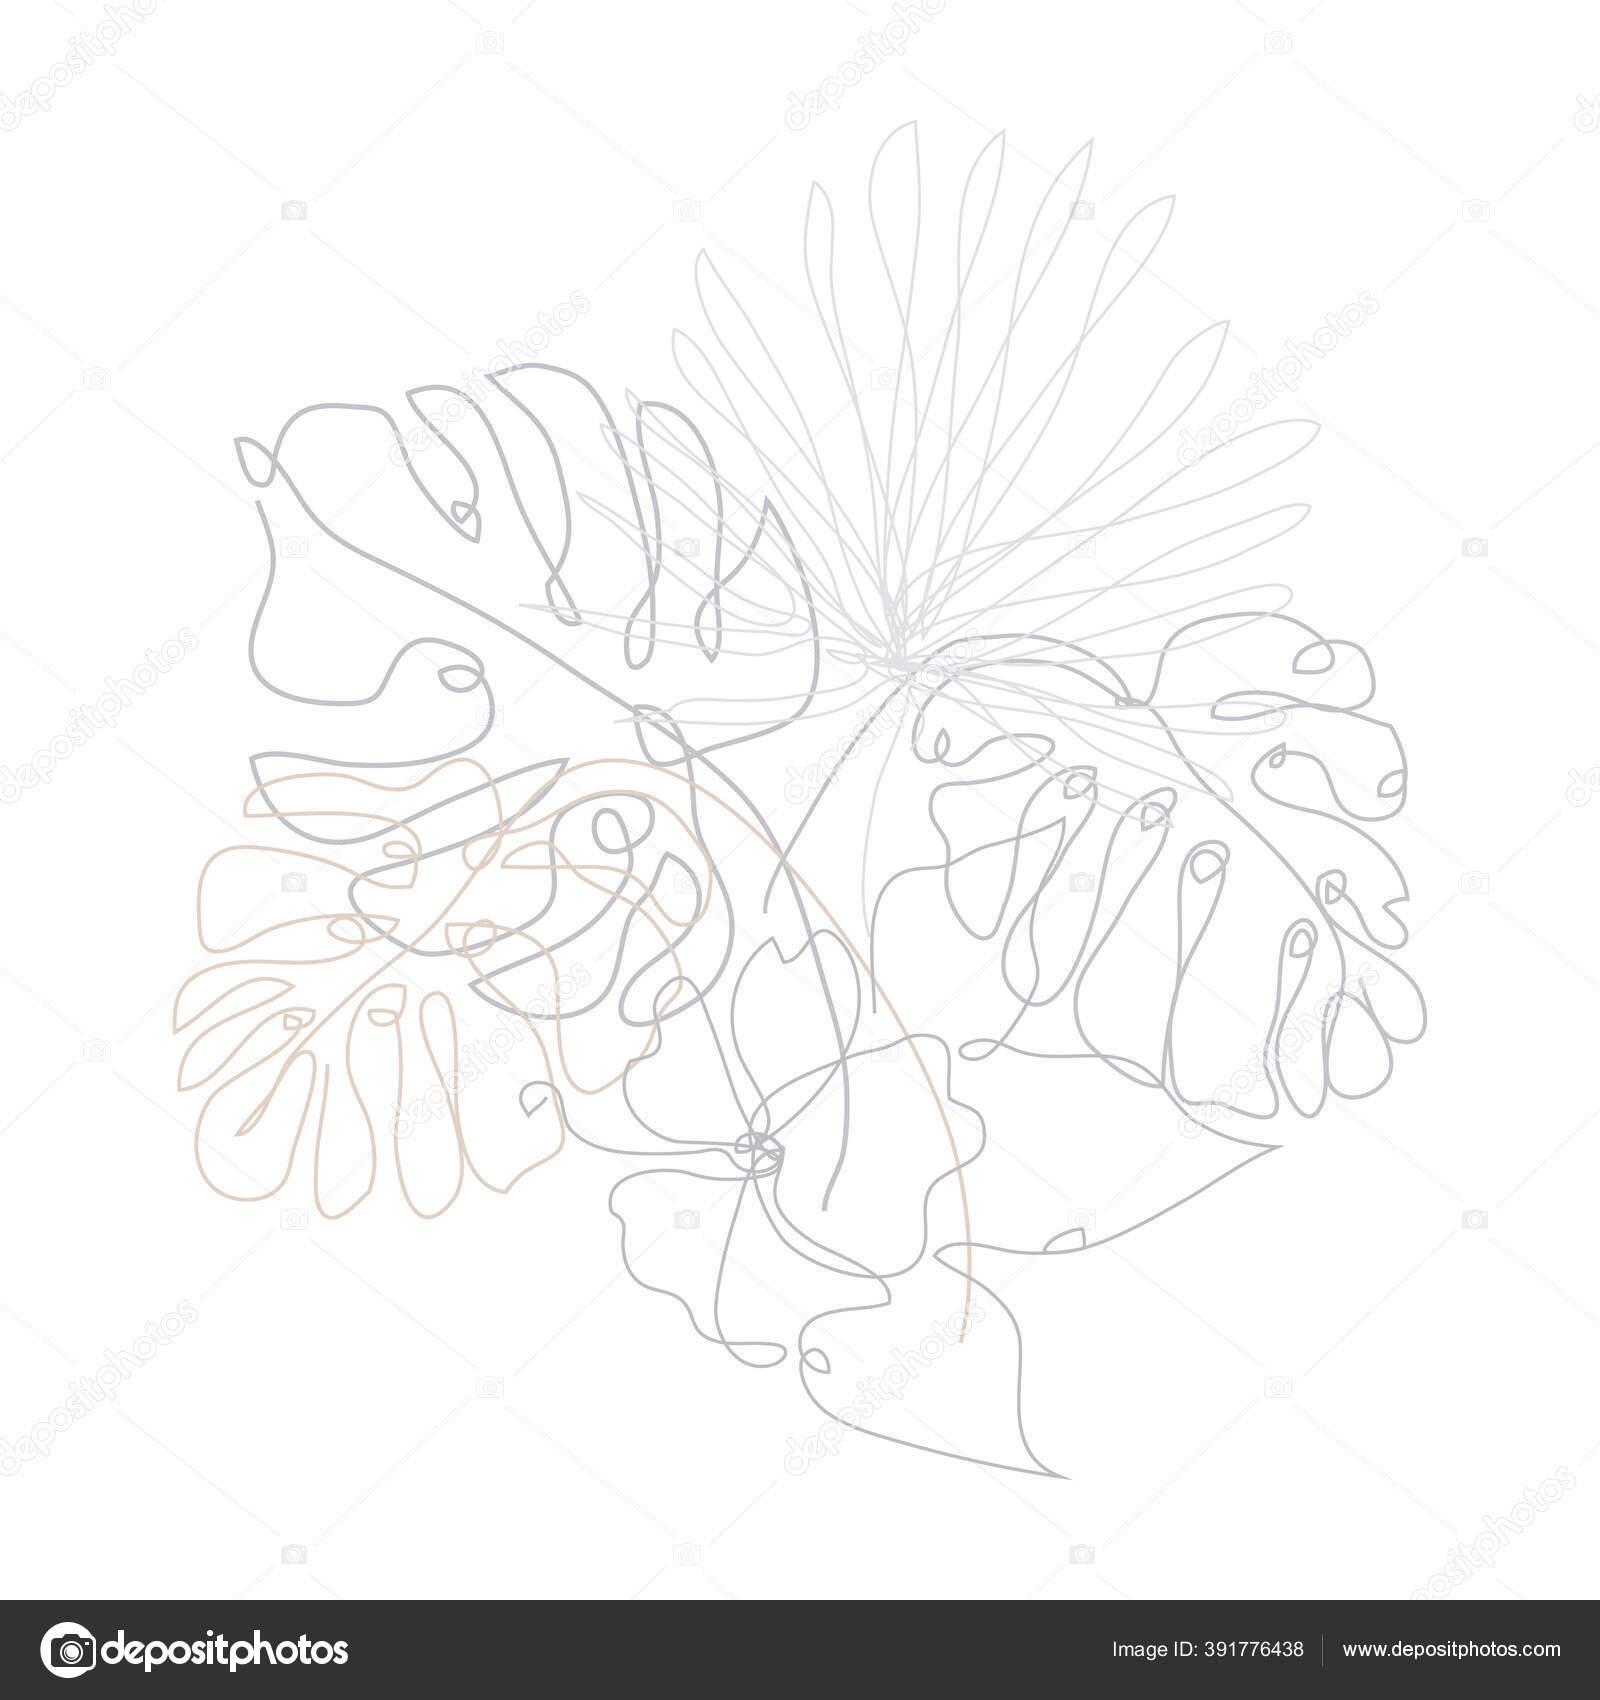 Tangan Dekoratif Digambar Daun Tropis Dan Kembang Sepatu Elemen Desain Stok Vektor C Chantall 391776438